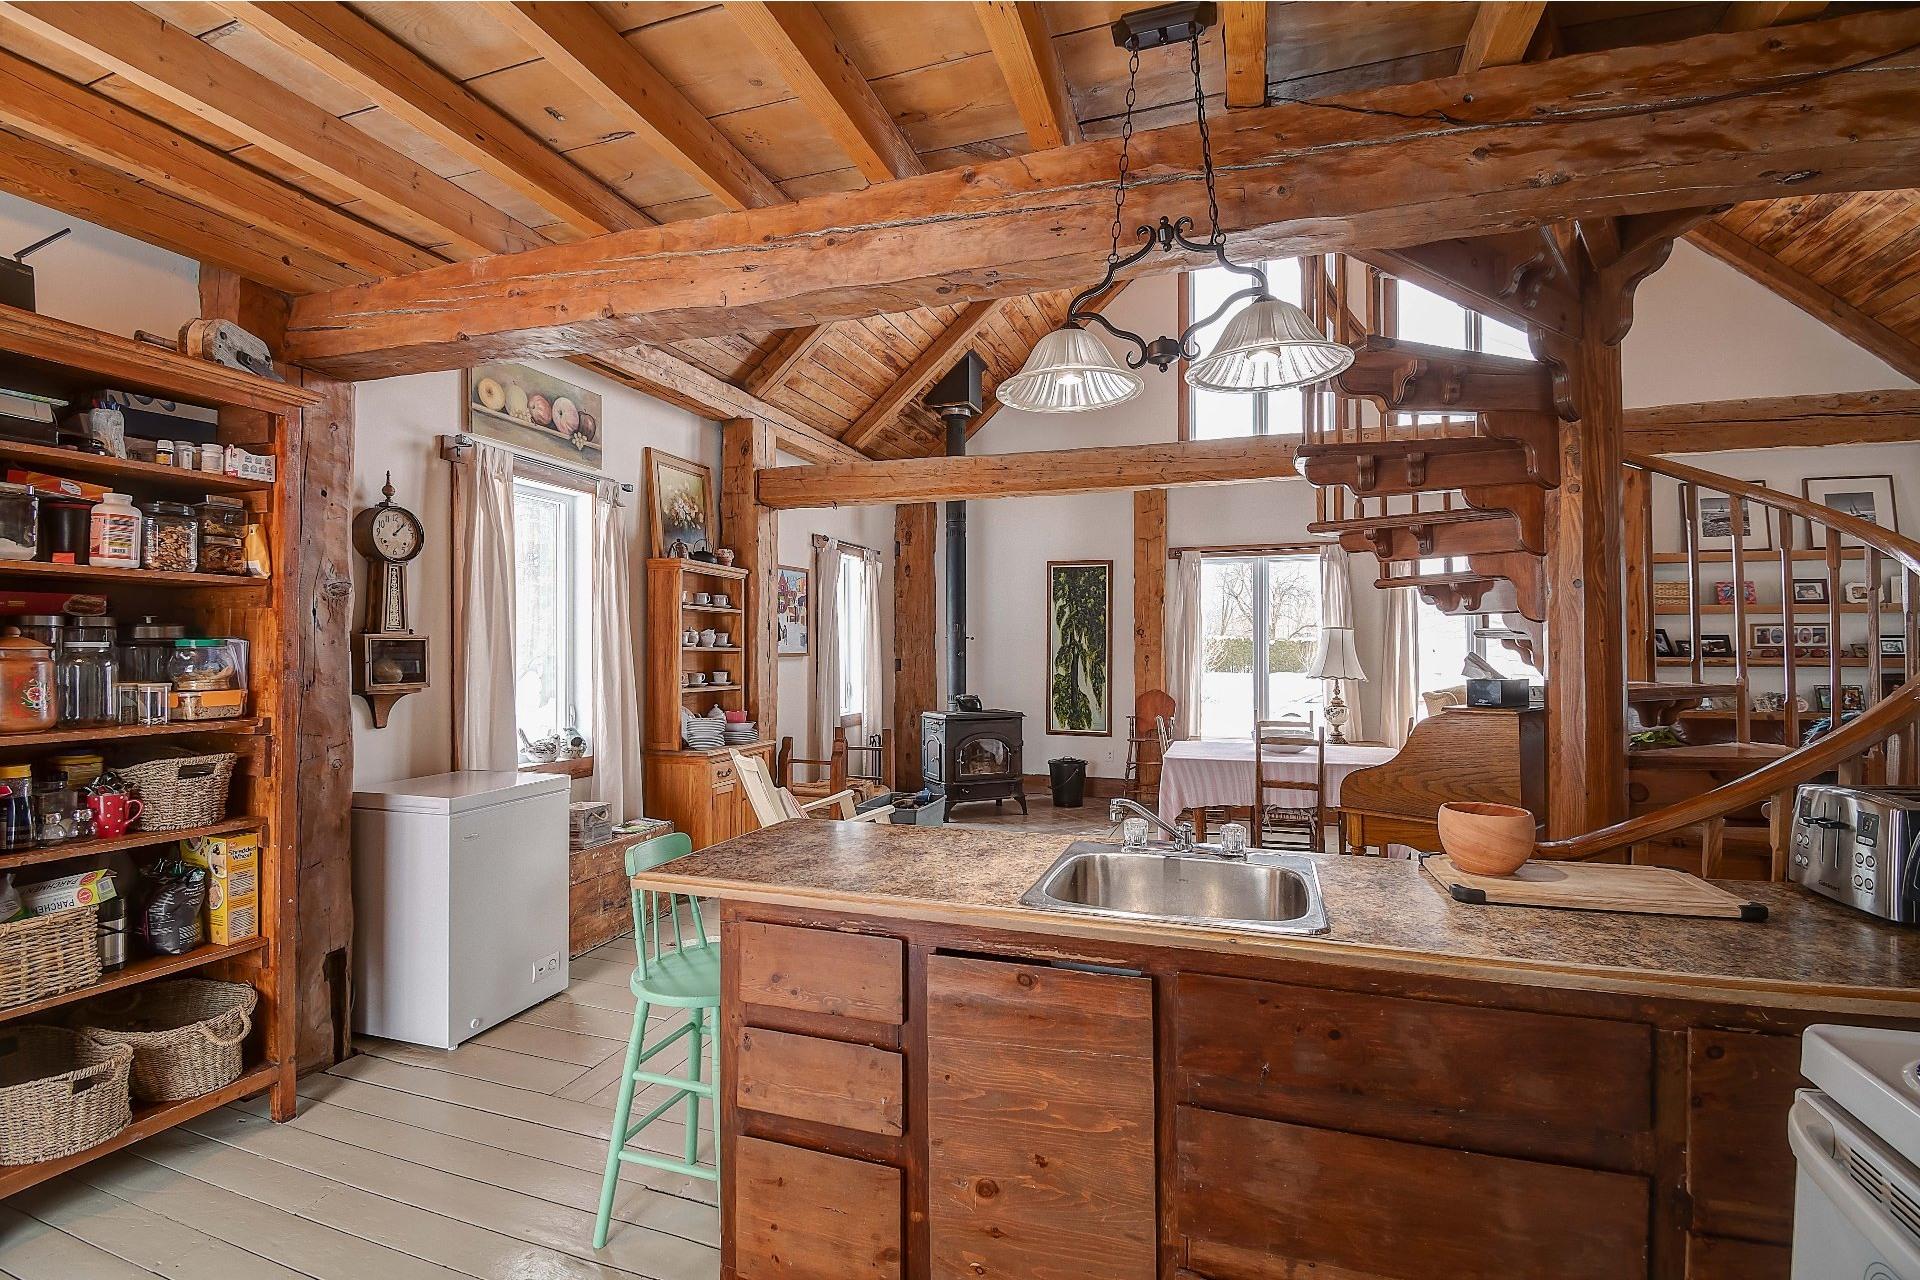 image 5 - Maison À vendre Trois-Rivières - 6 pièces